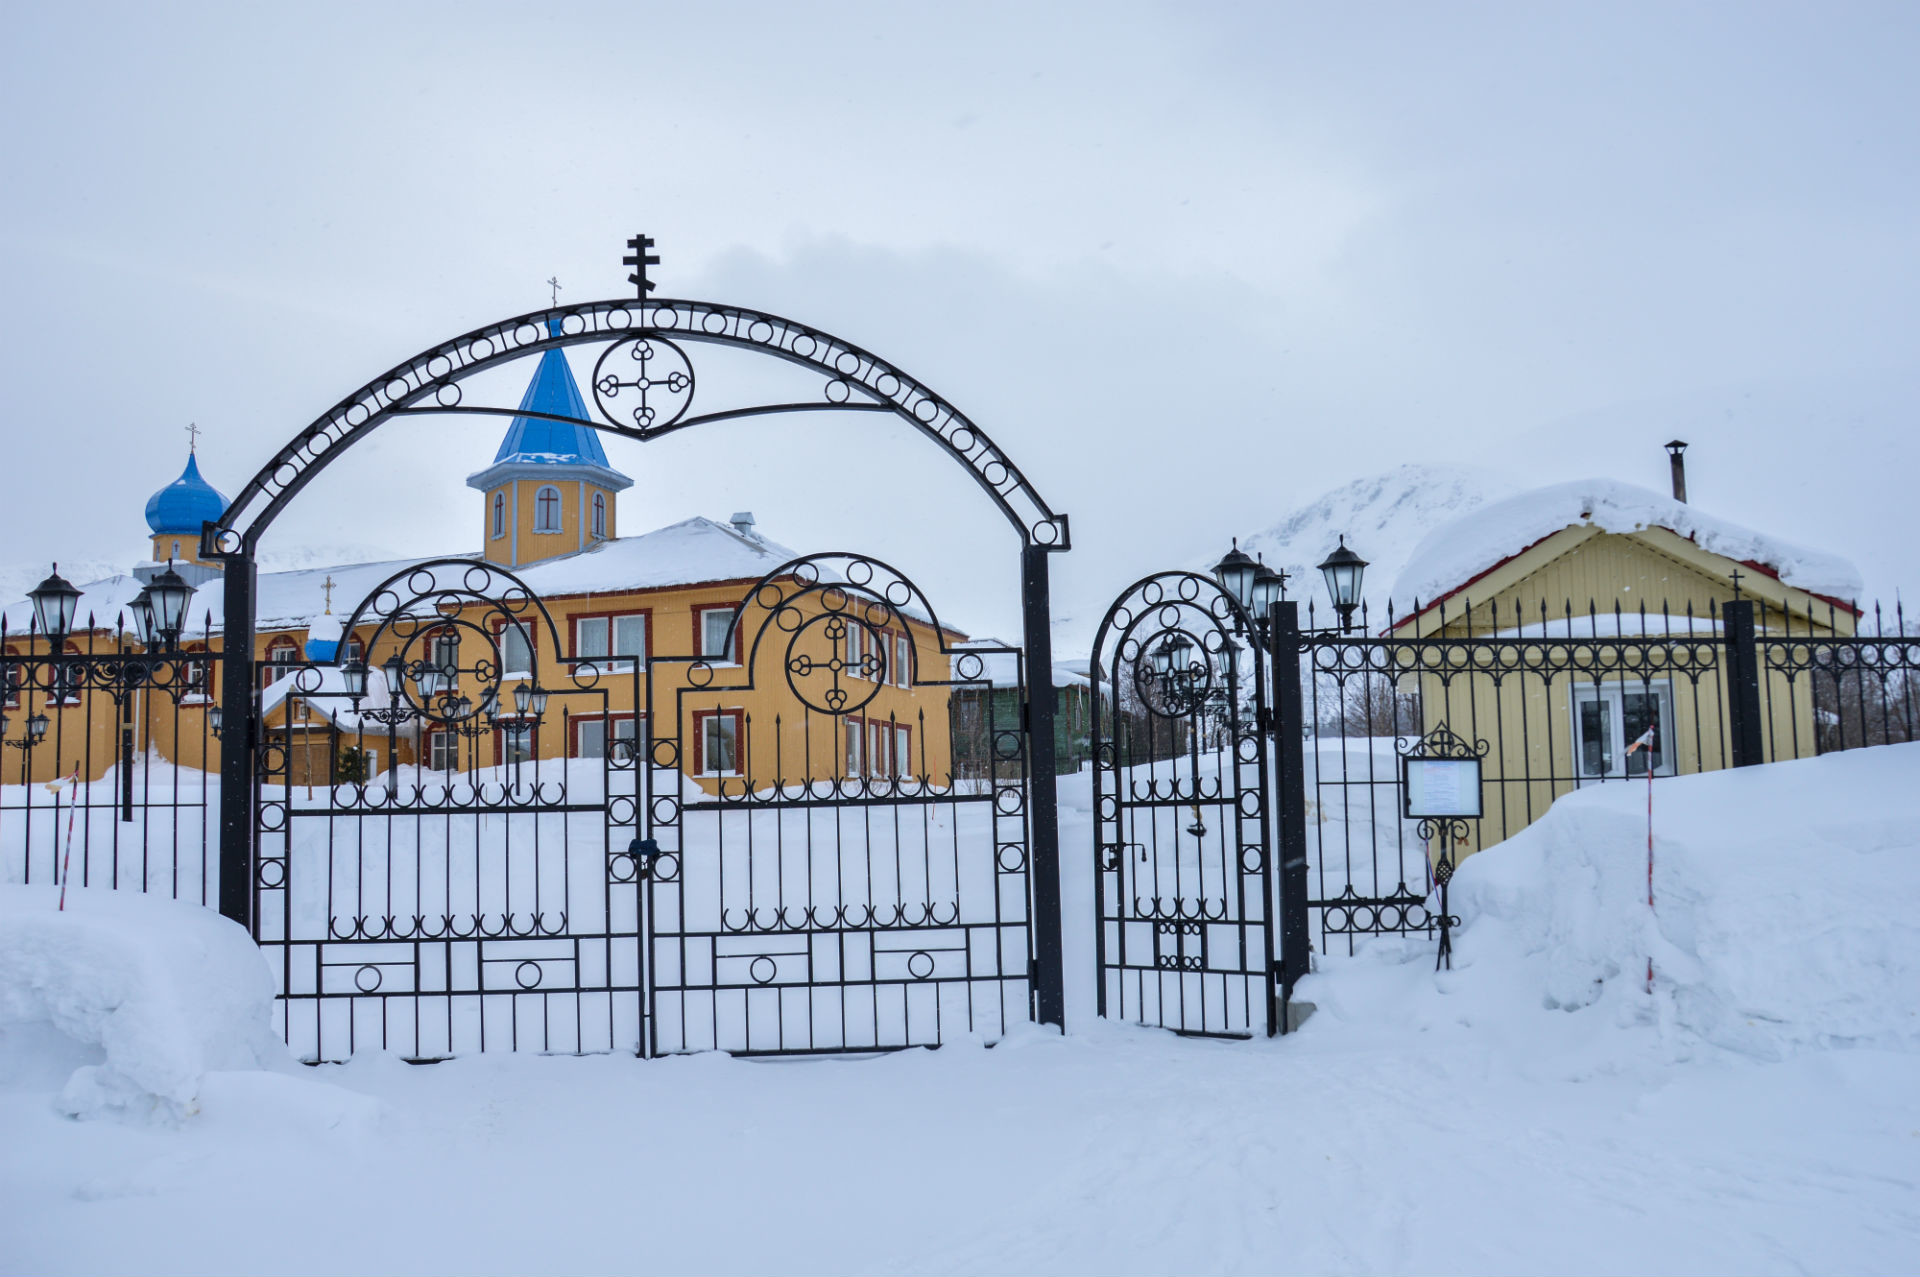 Situato ai piedi delle montagne, il monastero porta un tocco di colore in un ambiente monocromatico